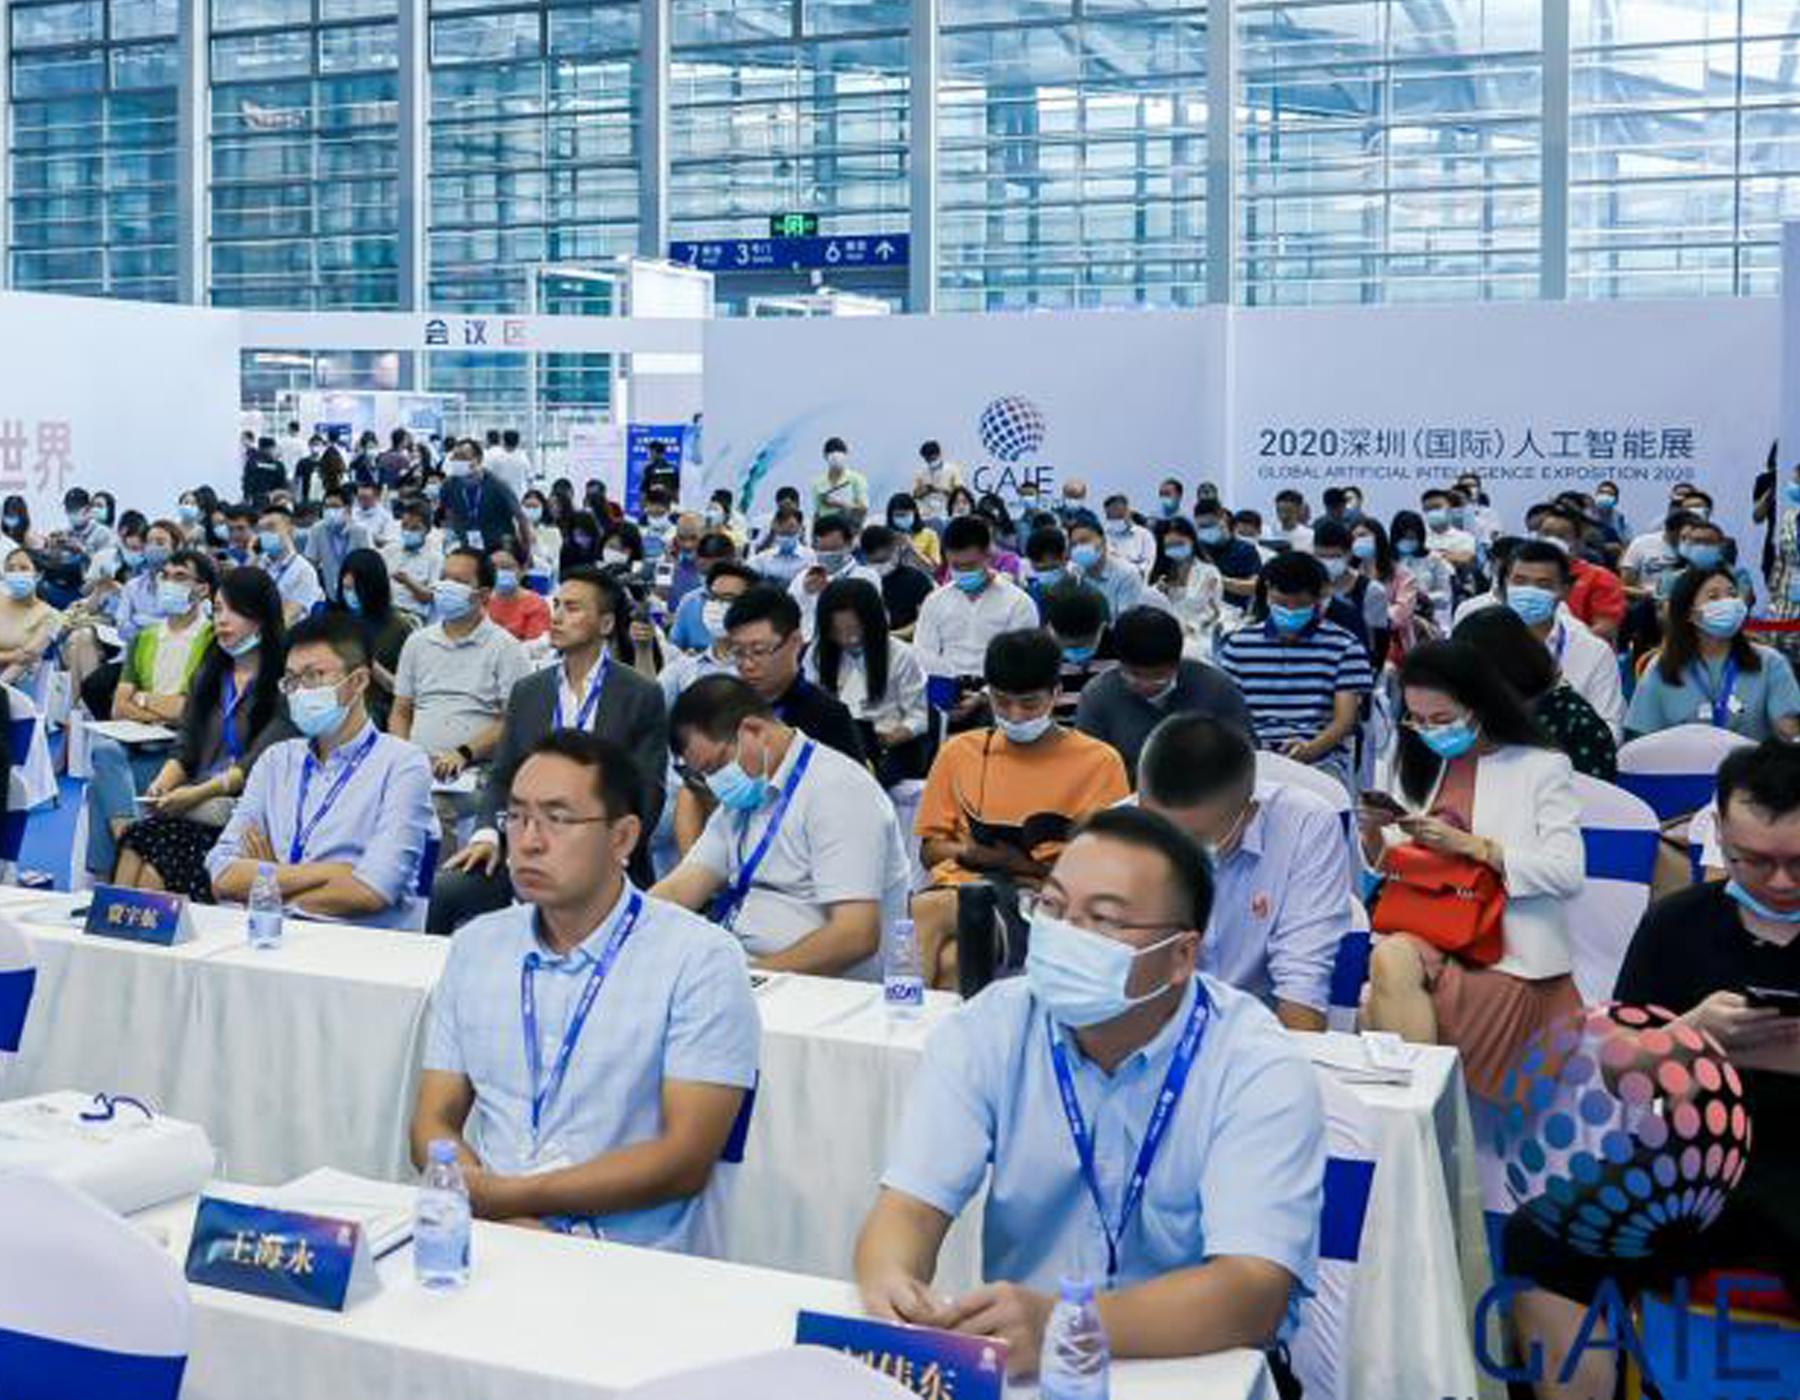 多维度聚焦人工智能全产业链发展 第二届深圳(国际)人工智能展将于5月20日盛大开幕!